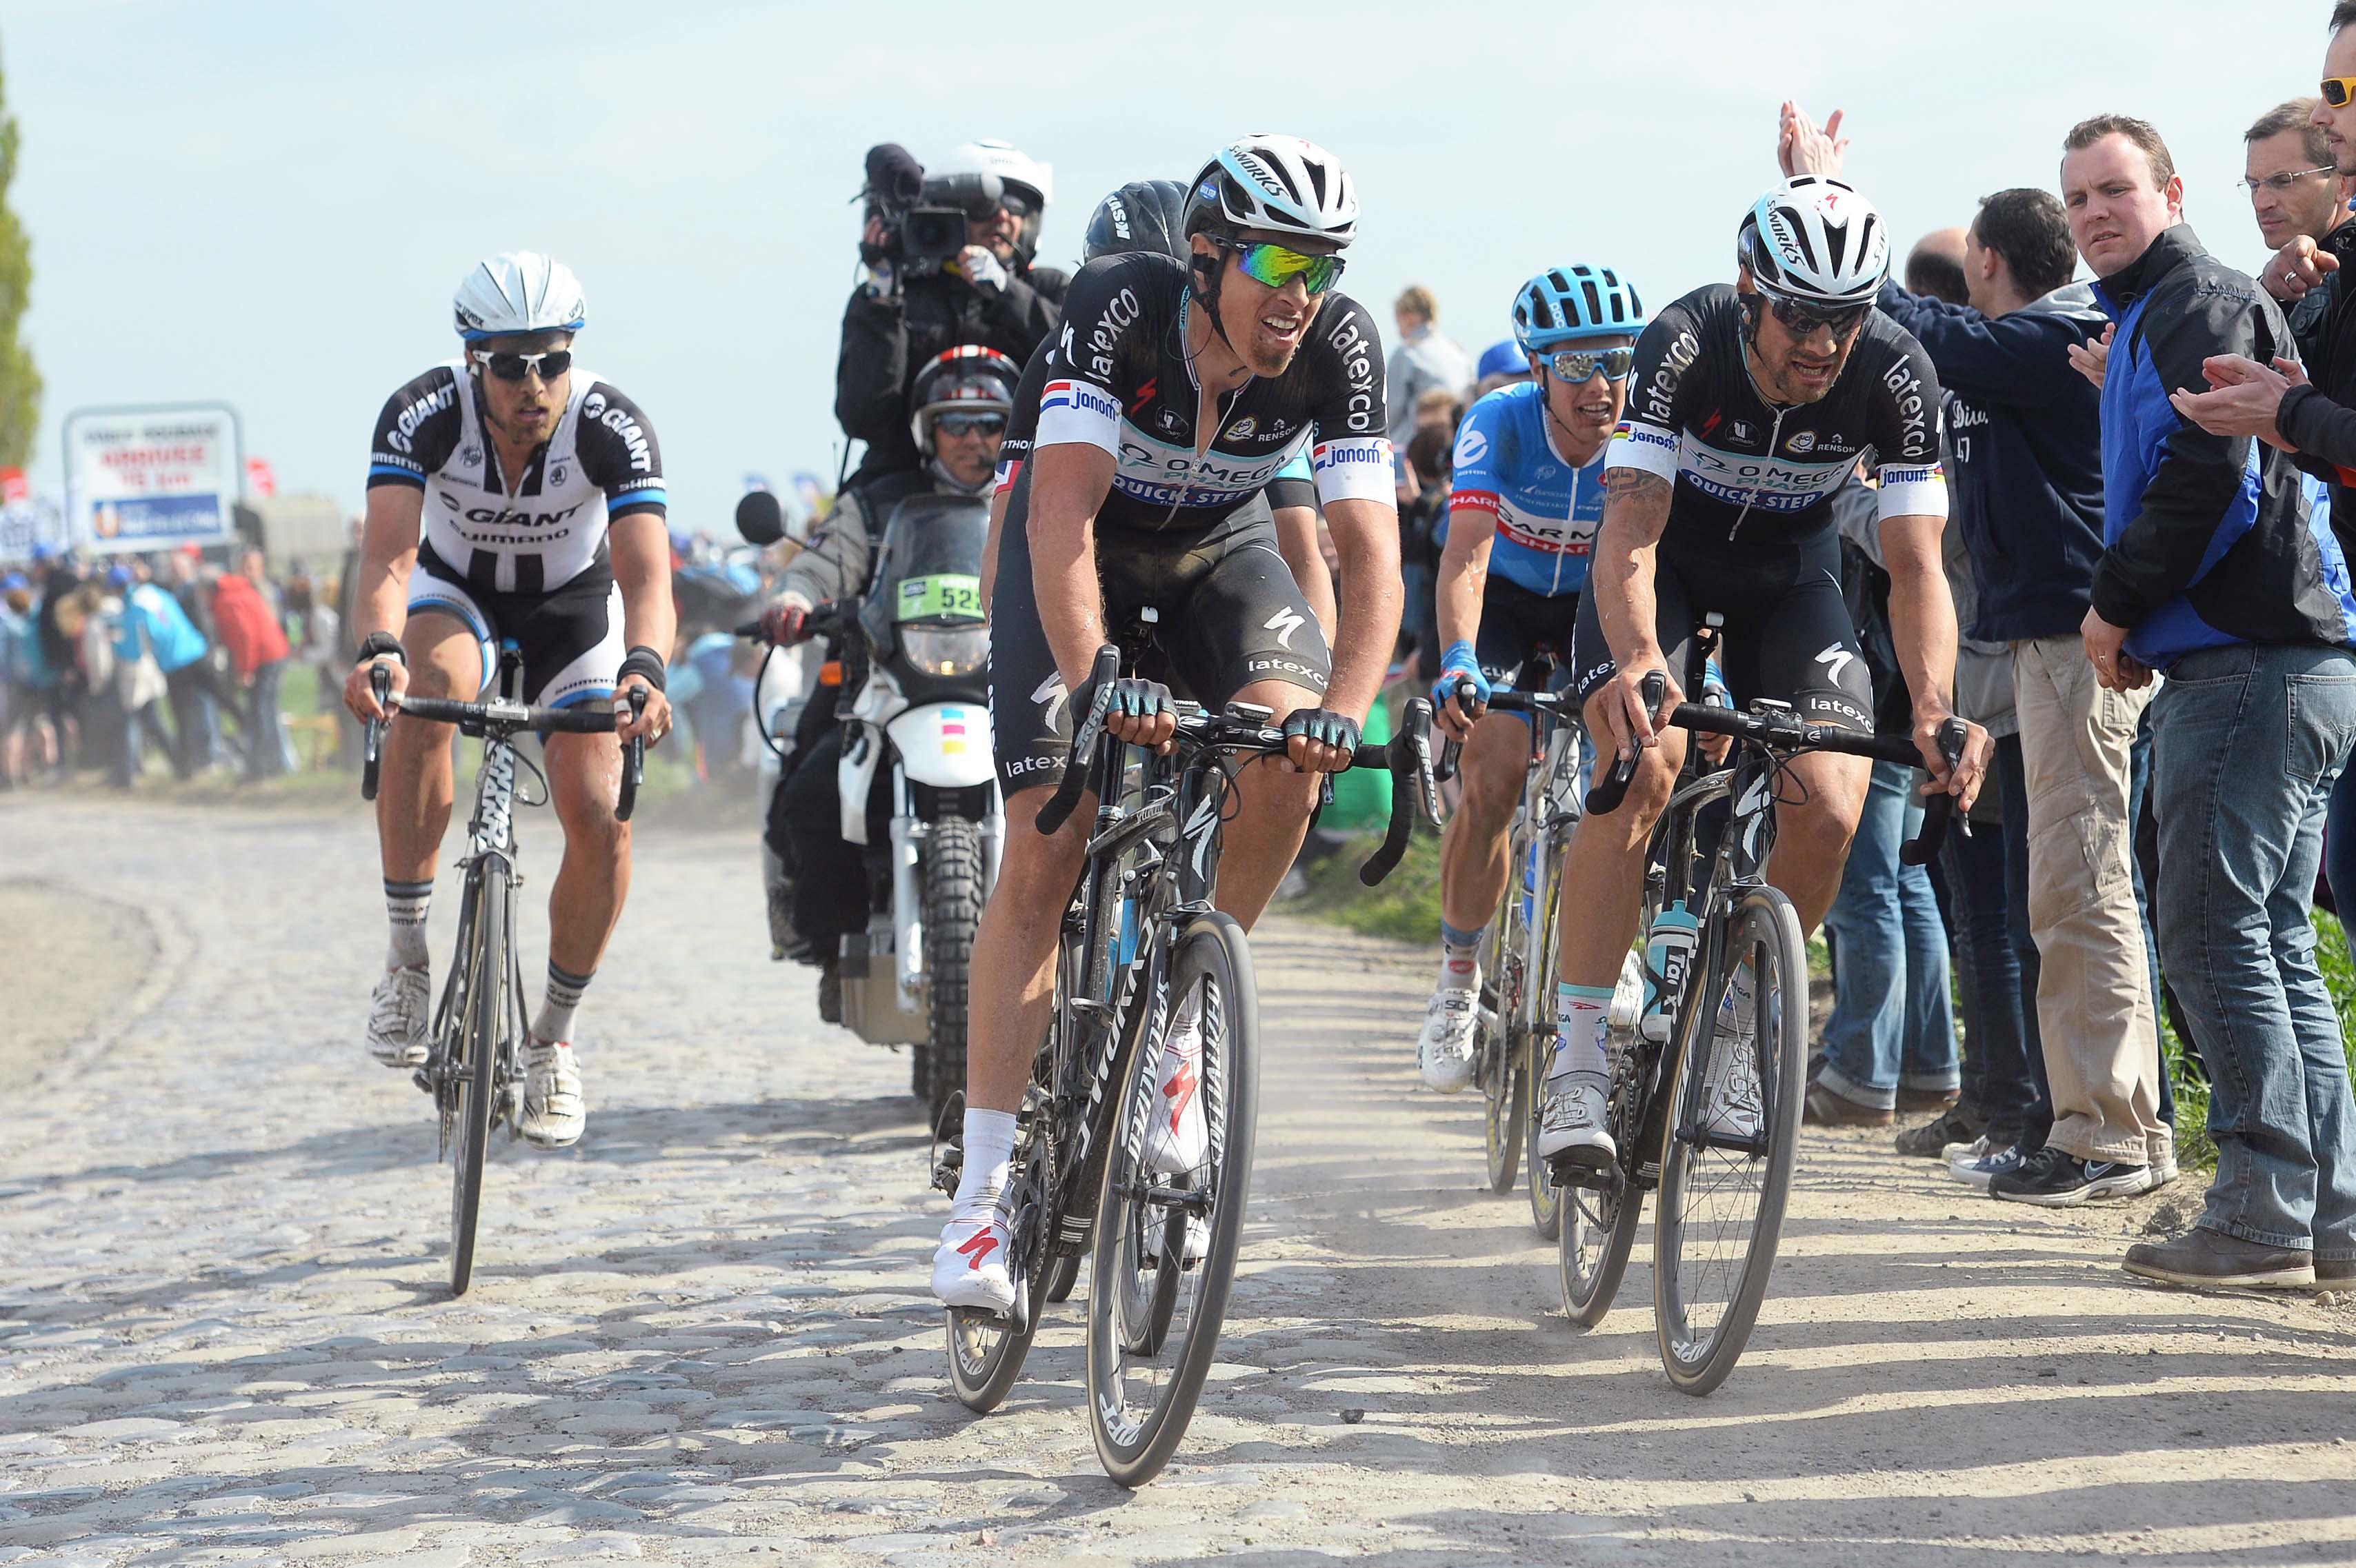 Dvojce Omegy Terpstra a Boonen.